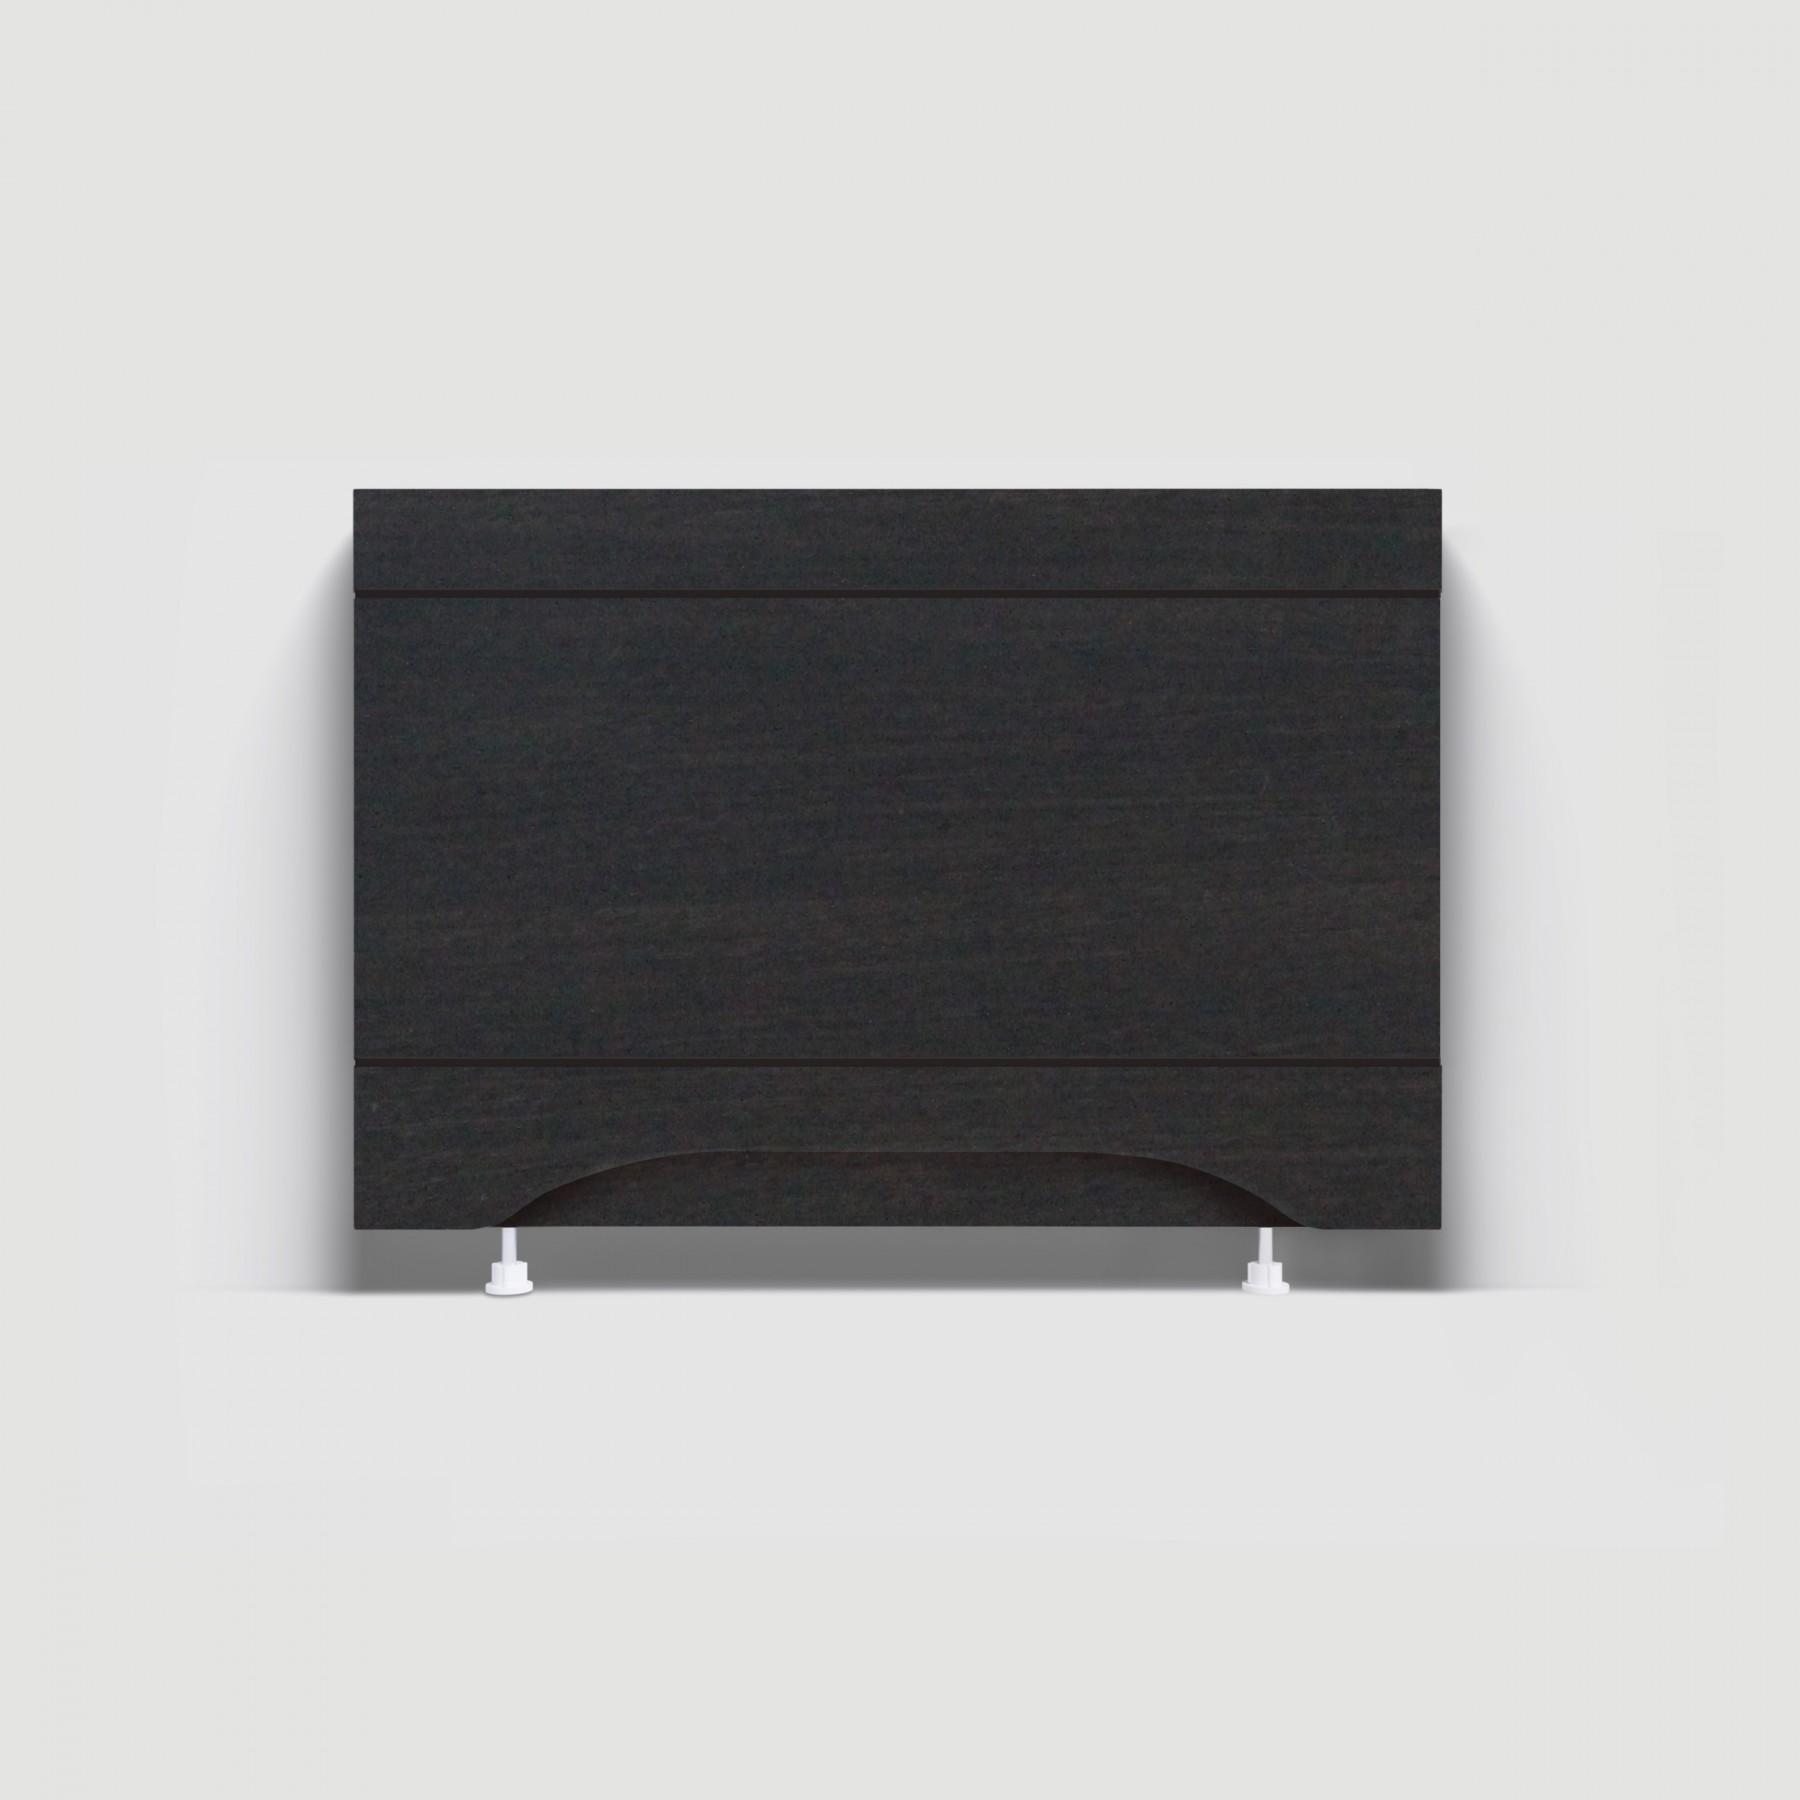 Экран под ванну торцевой 75 см МДФ, цвет венге